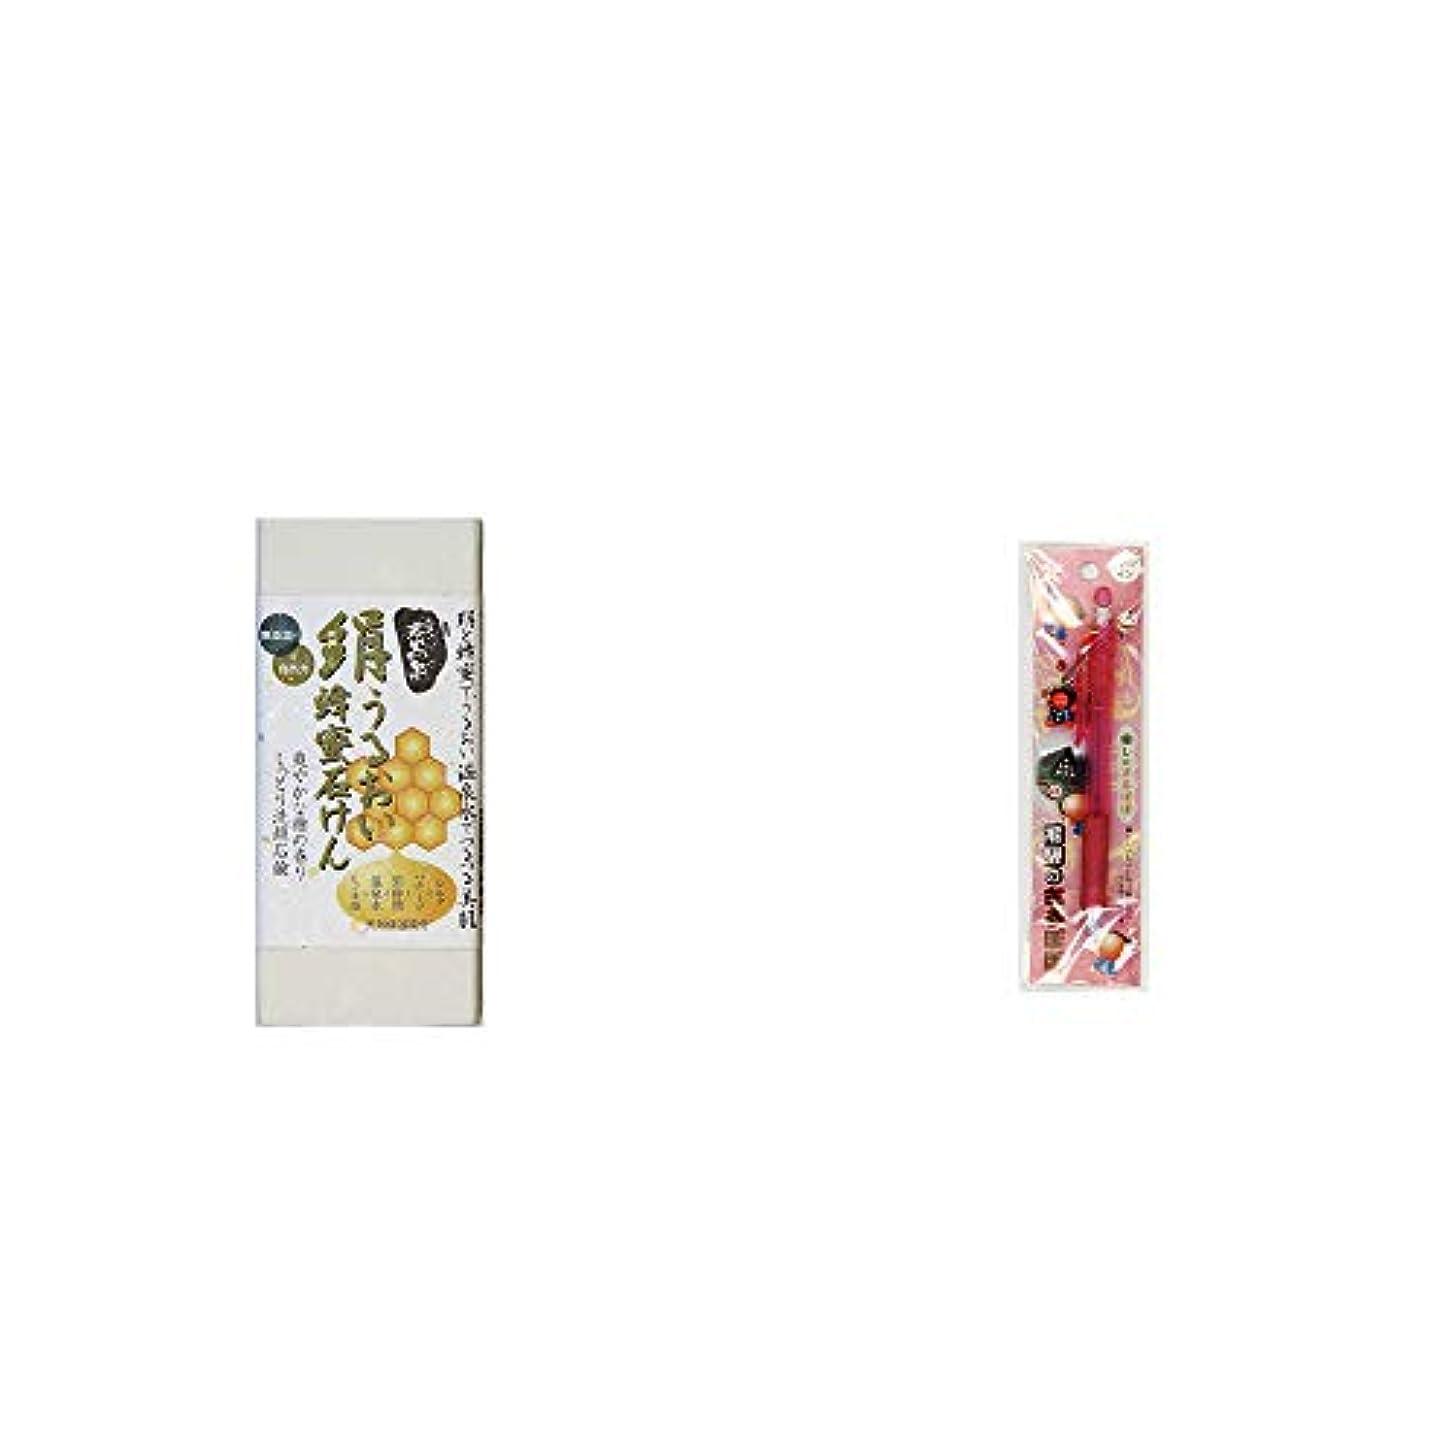 大混乱イル意味[2点セット] ひのき炭黒泉 絹うるおい蜂蜜石けん(75g×2)?さるぼぼ 癒しシャープペン 【ピンク】